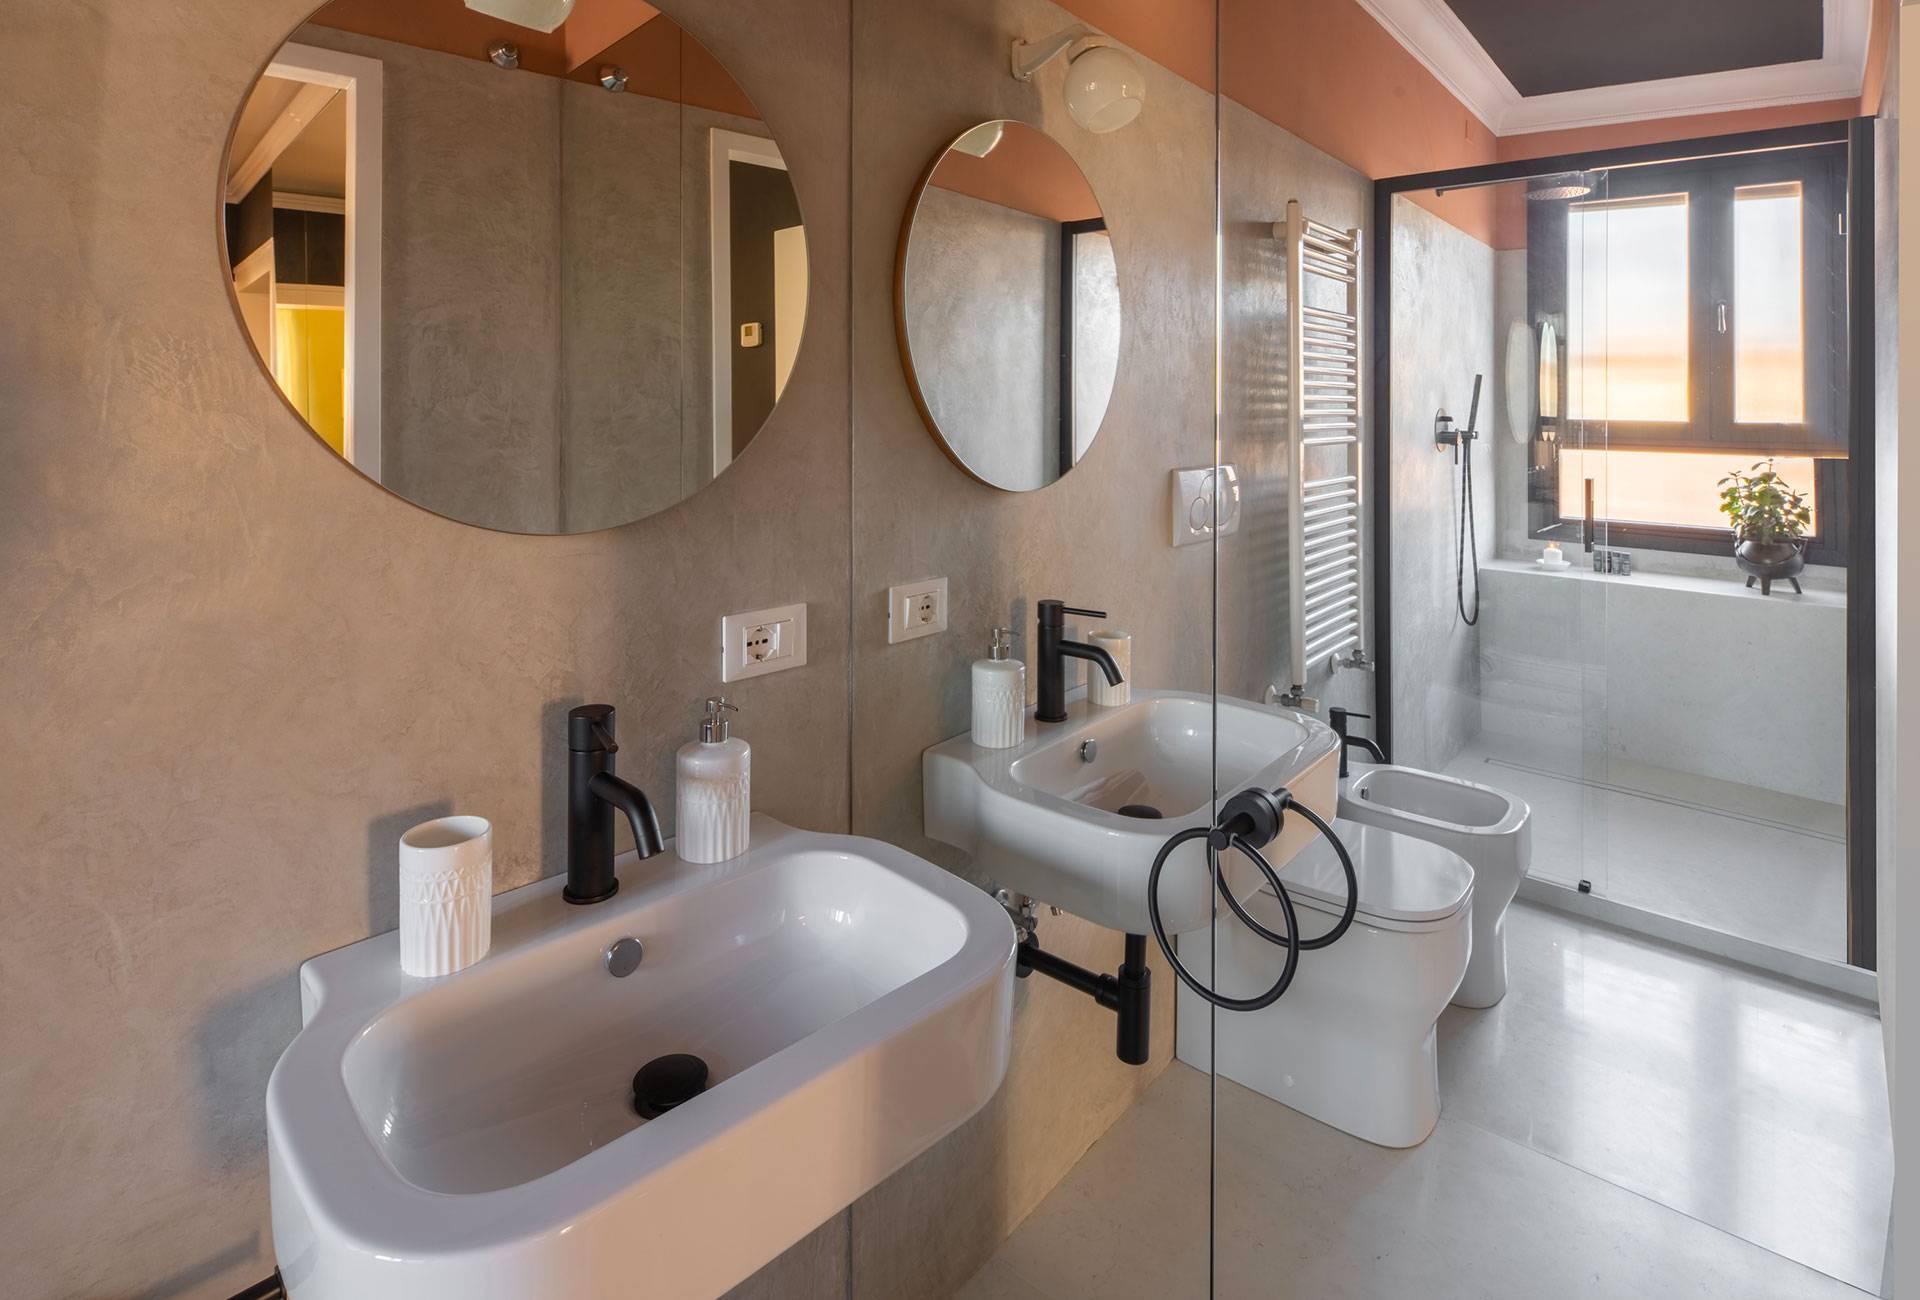 the light on the shiny Marmorino walls and mirrors reflects beautyfully